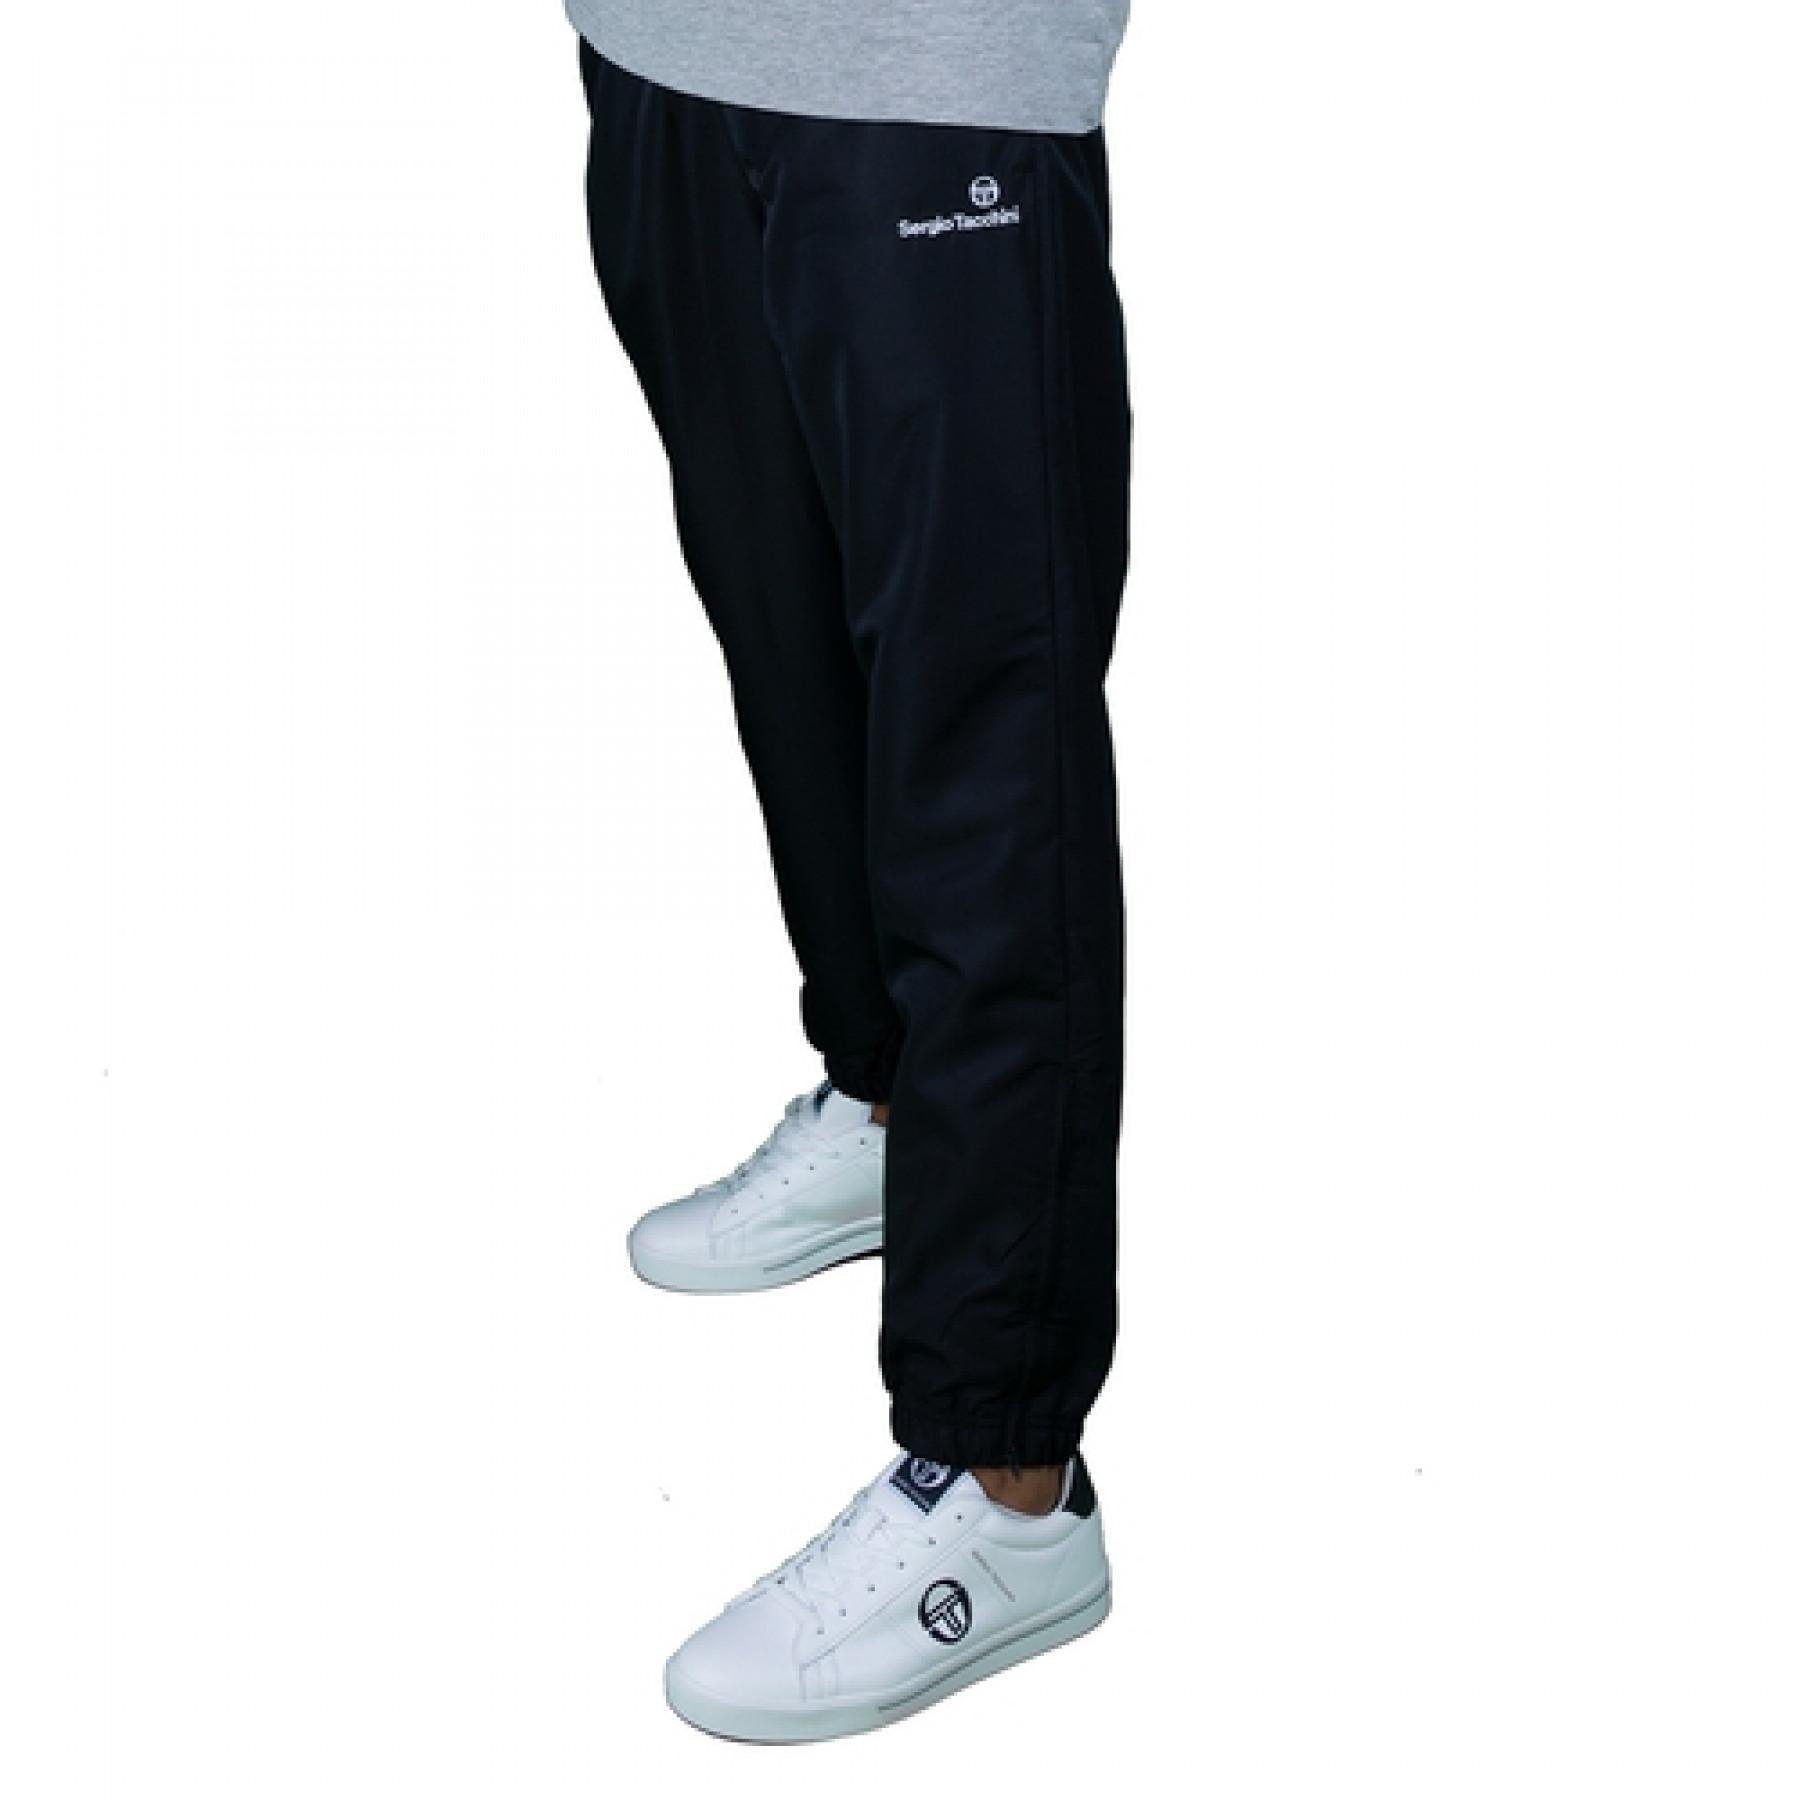 Pantaloni da jogging Sergio Tacchini Carson 021 Slim